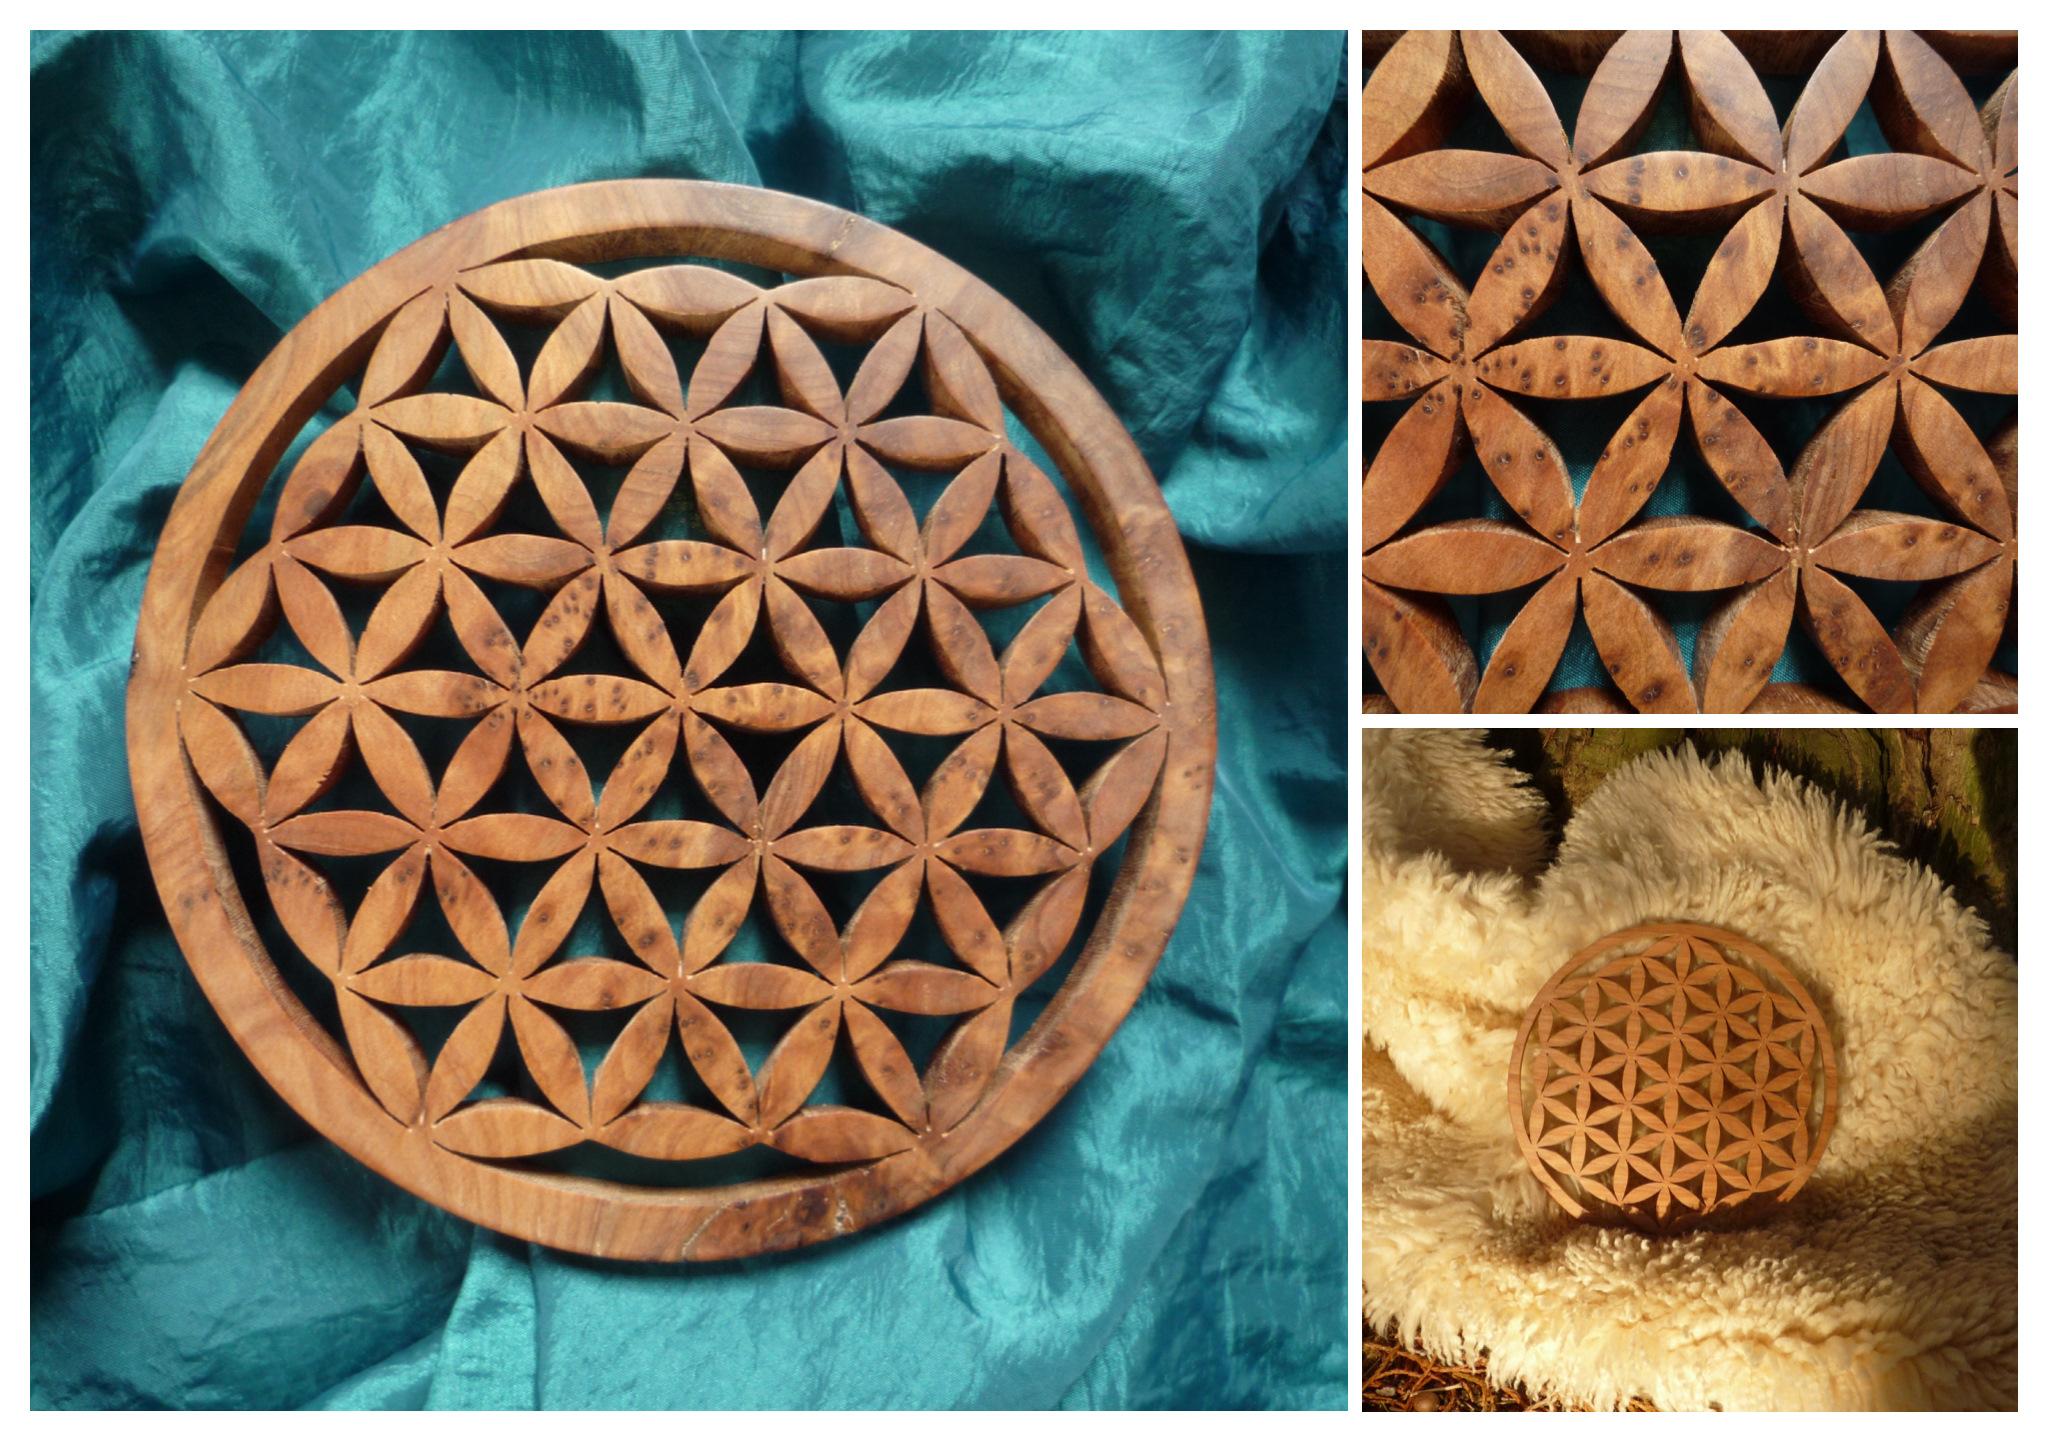 Fleur de Vie : UNITE  Fleur de Vie artisanale, en bois précieux, canalisée et sculptée à la main en conscience